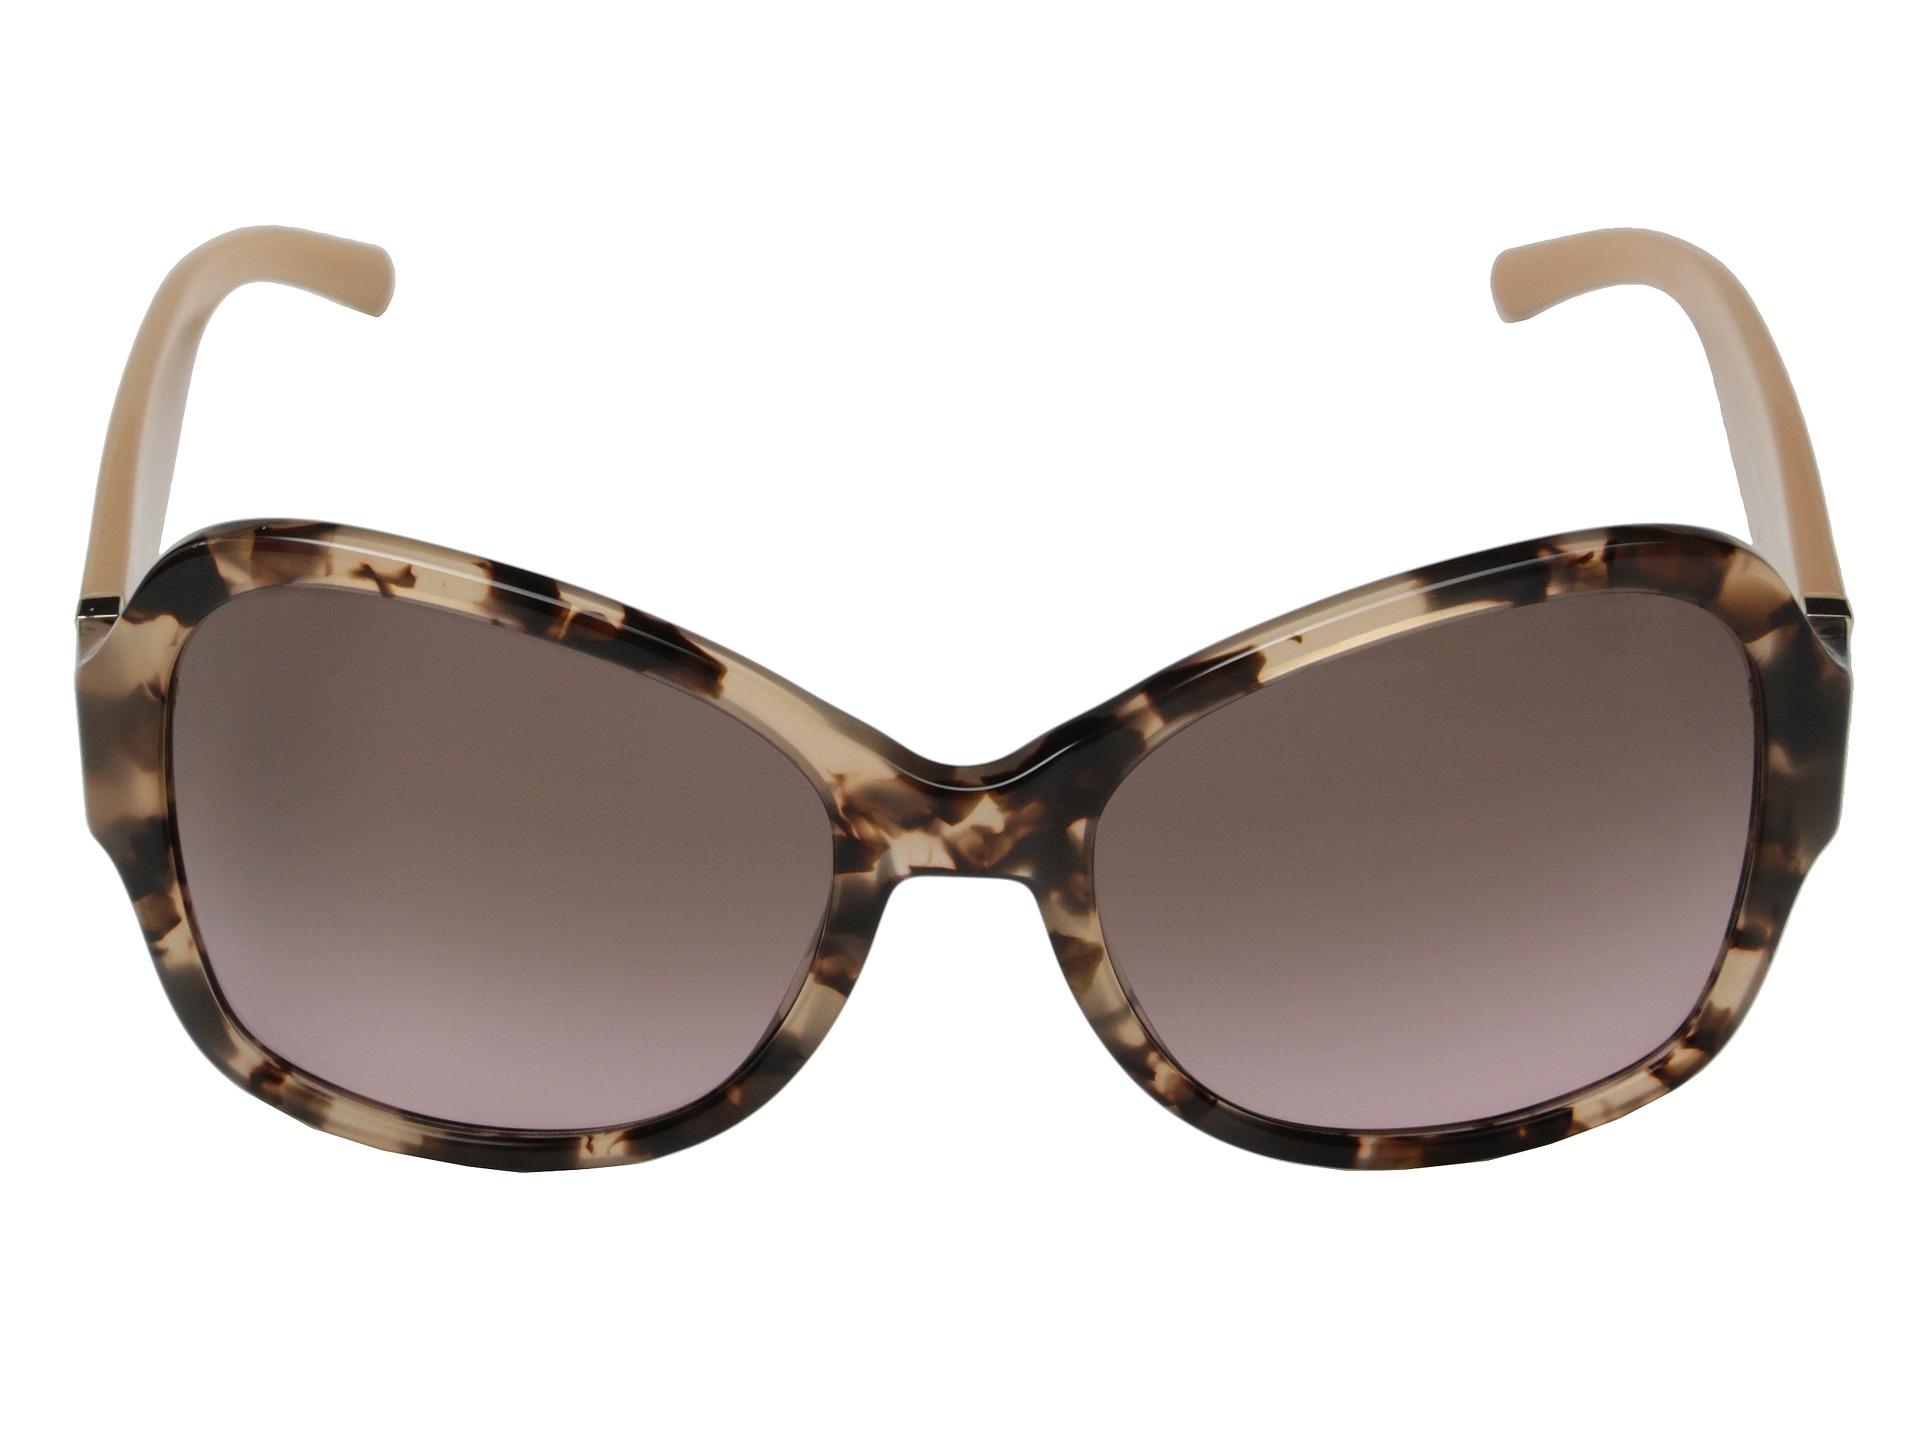 f8e9169bf46 Oakley Sunglasses Nose Guard « Heritage Malta